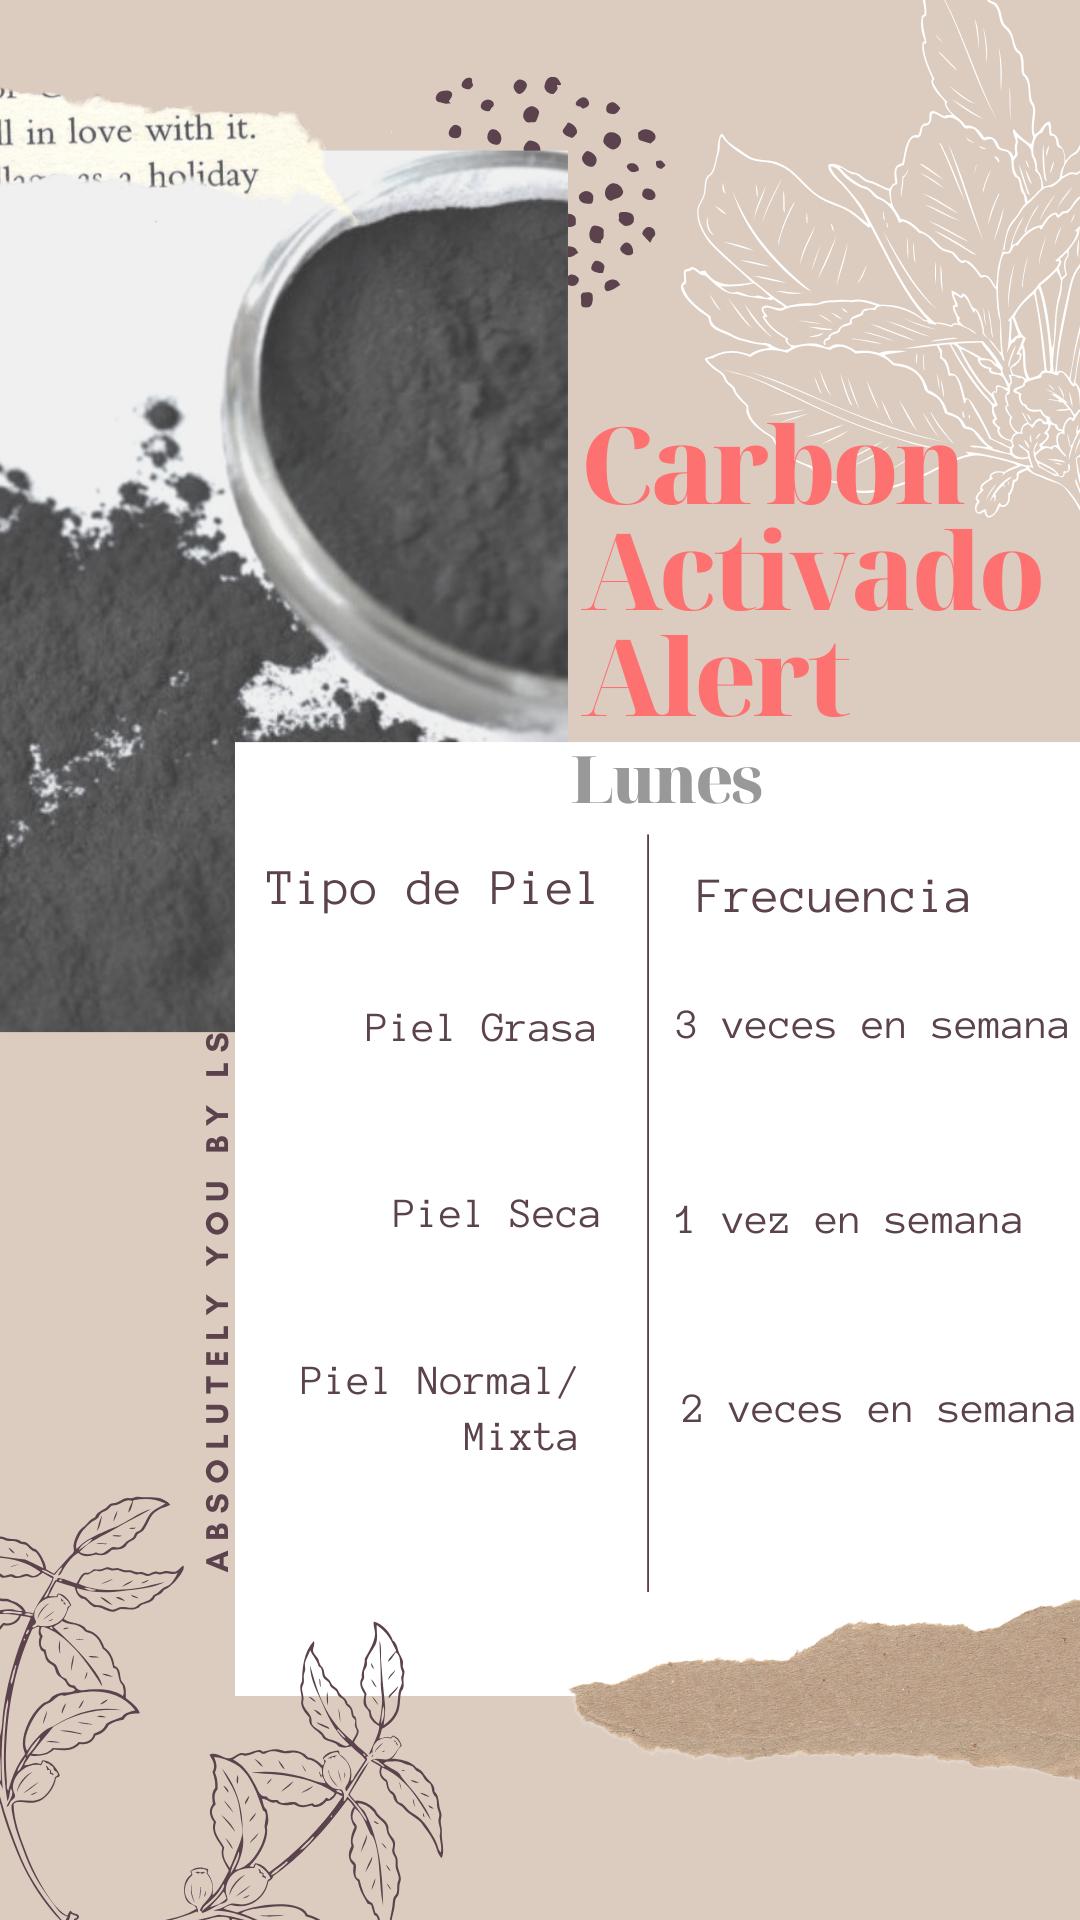 Jabón De Carbón Activado Jabón Detox Activated Carbon Soap Detox Soap Jabon De Carbon Carbon Activado Jabones